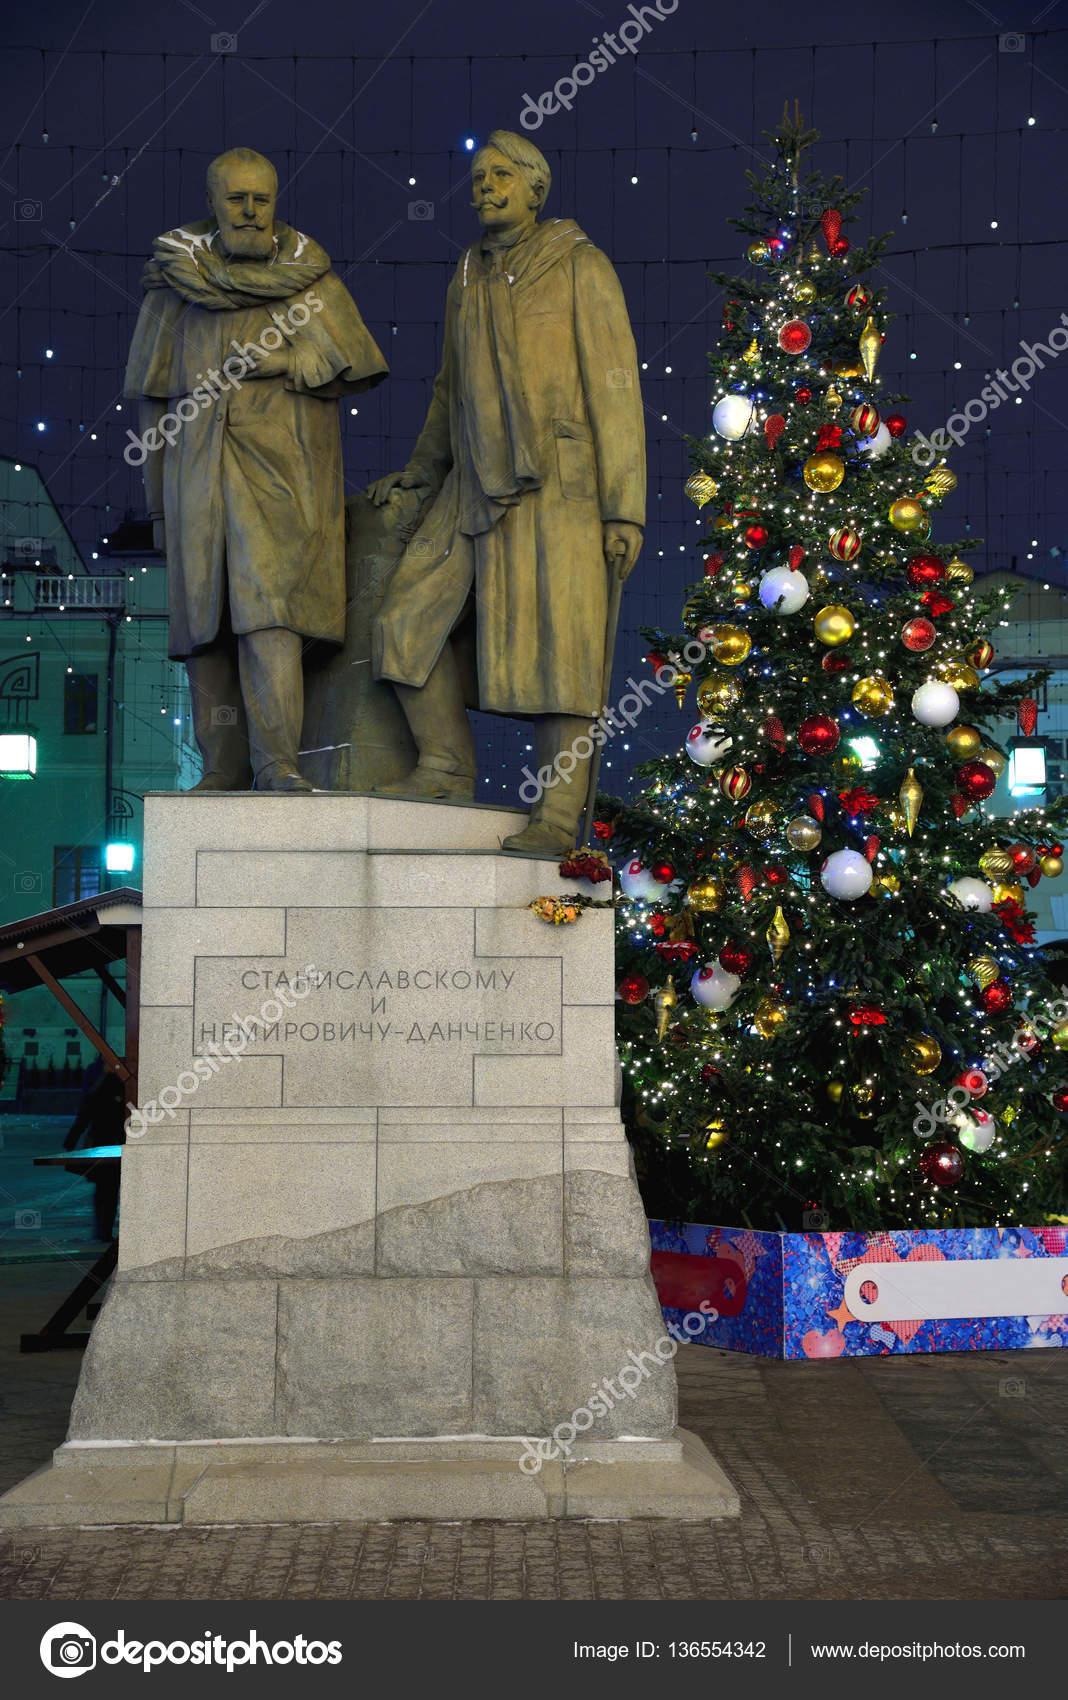 Denkmal von Stanislawski und Nemirowitsch-Dantschenko in Chamberlain ...